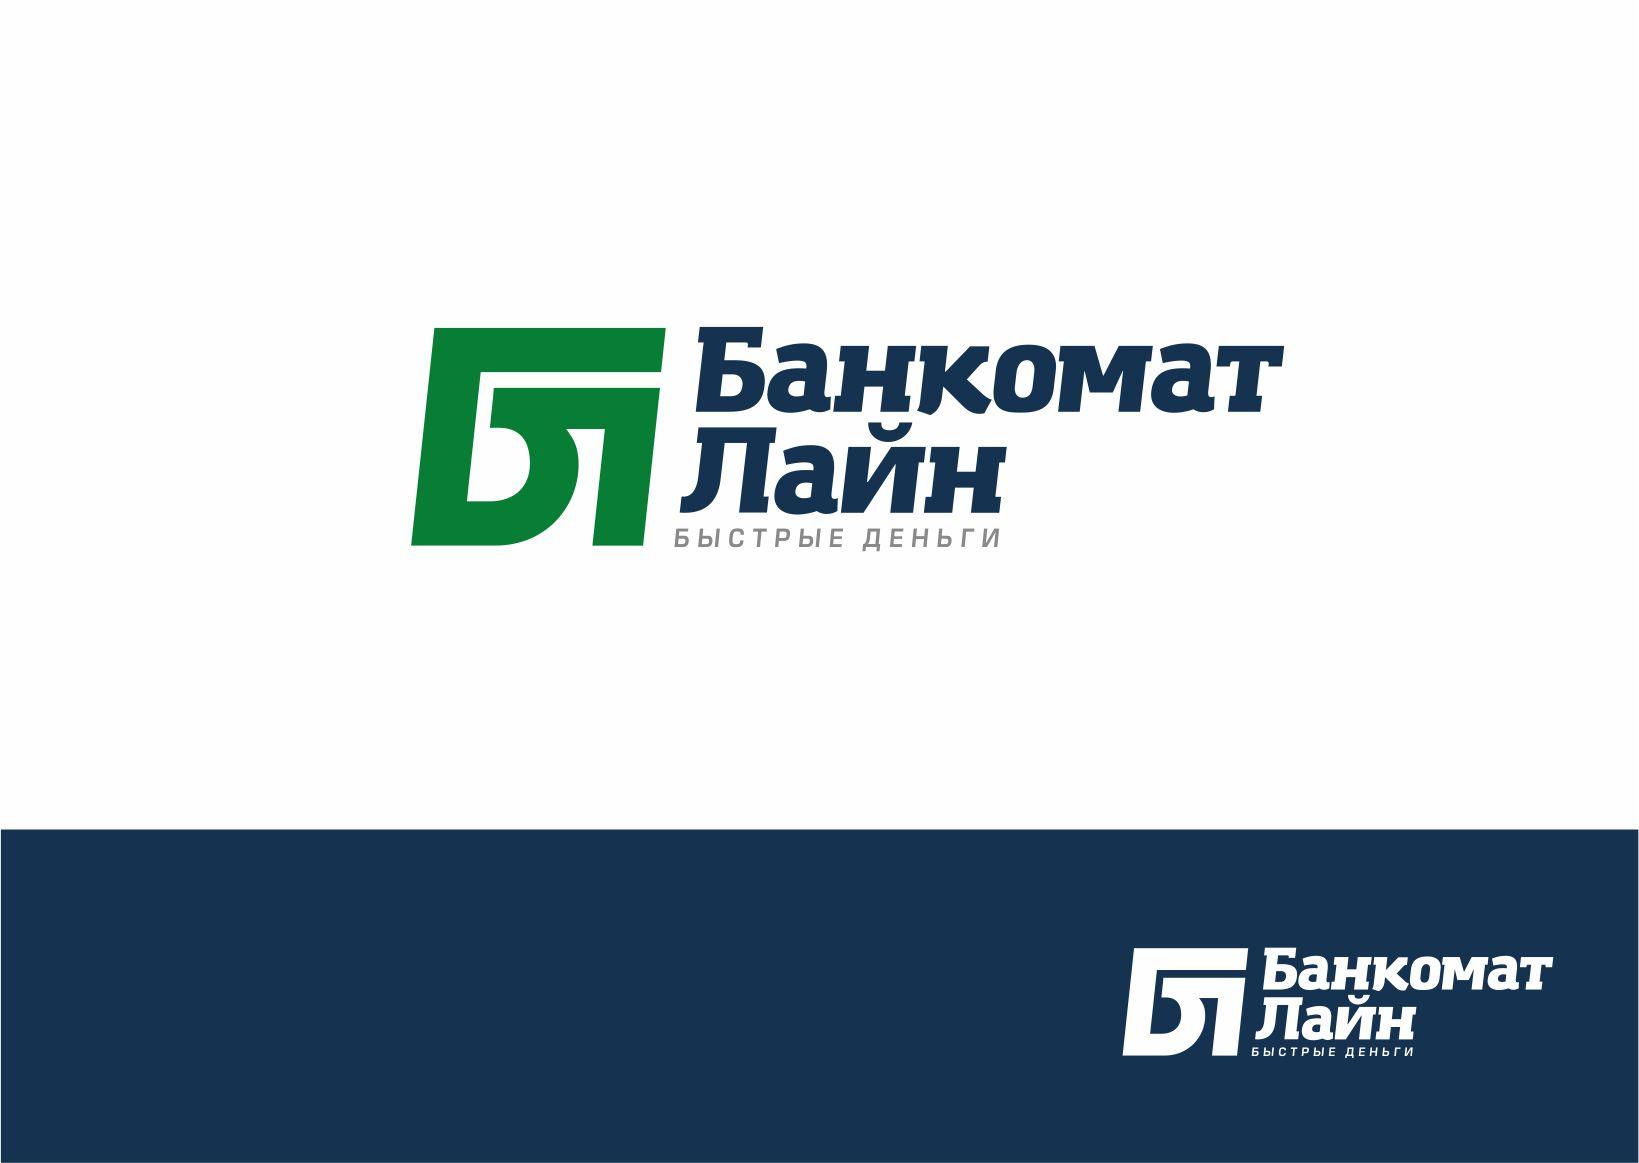 Разработка логотипа и слогана для транспортной компании фото f_762587f2b7f74c67.jpg